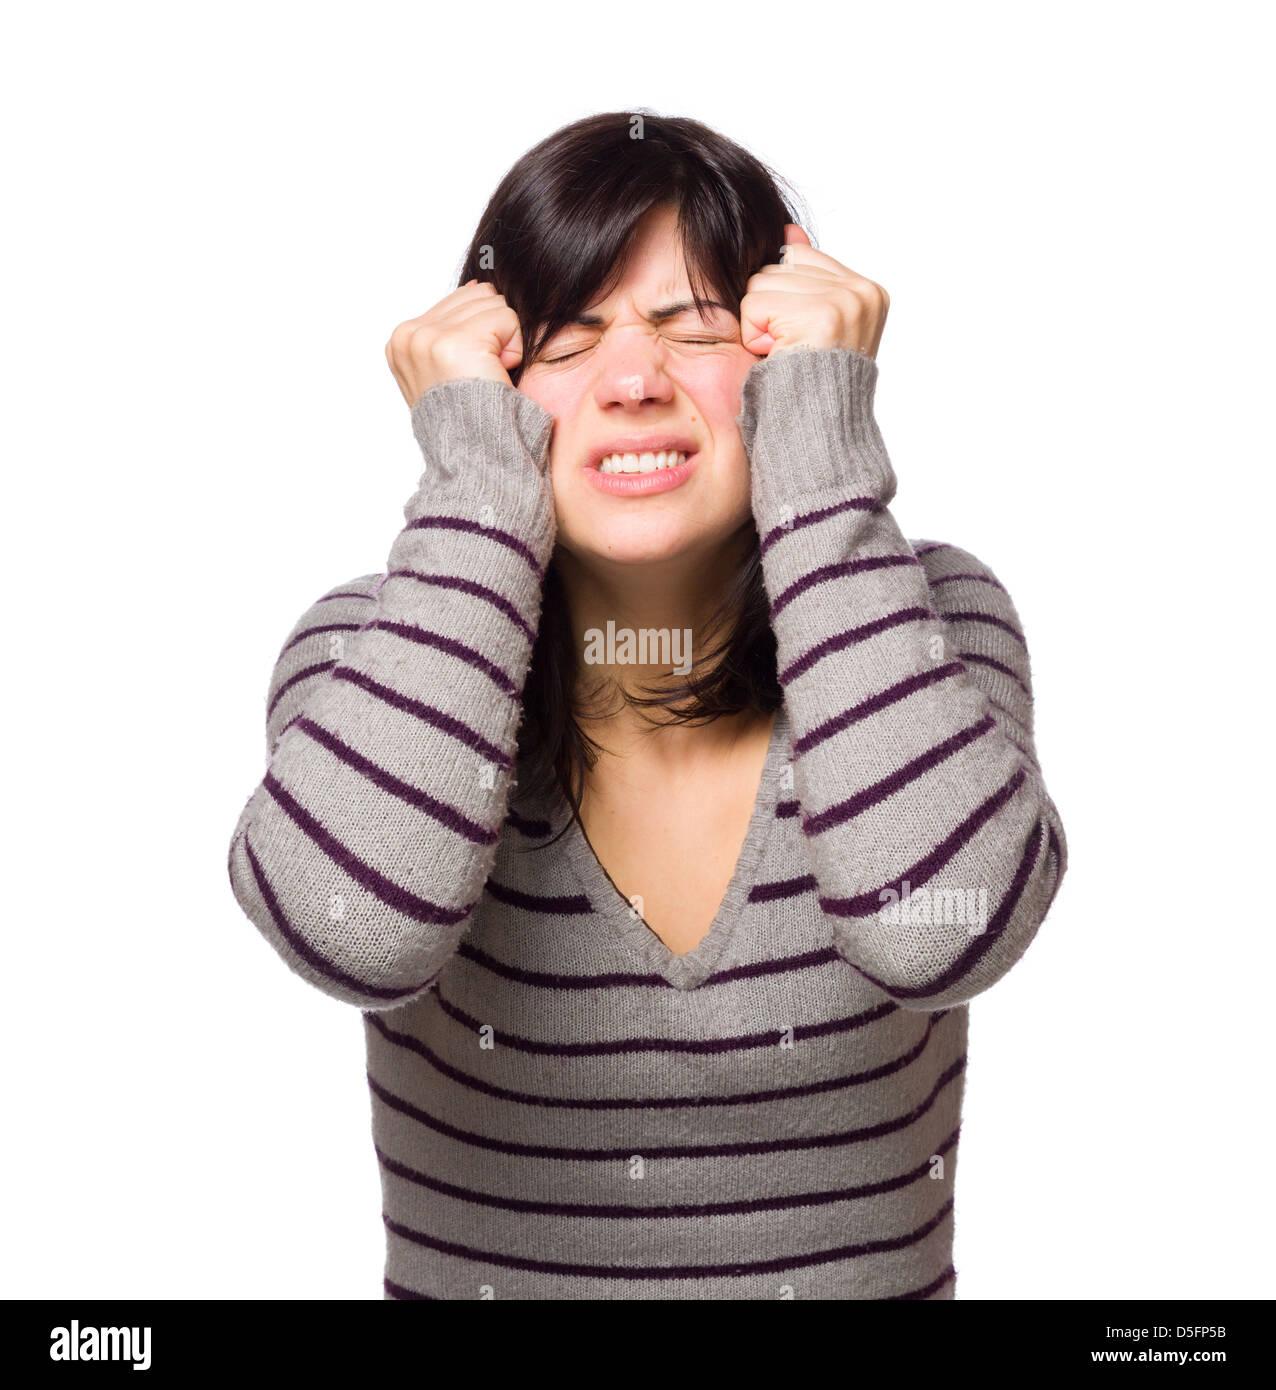 Frustrado joven gesticulaciones aislado sobre fondo blanco. Imagen De Stock